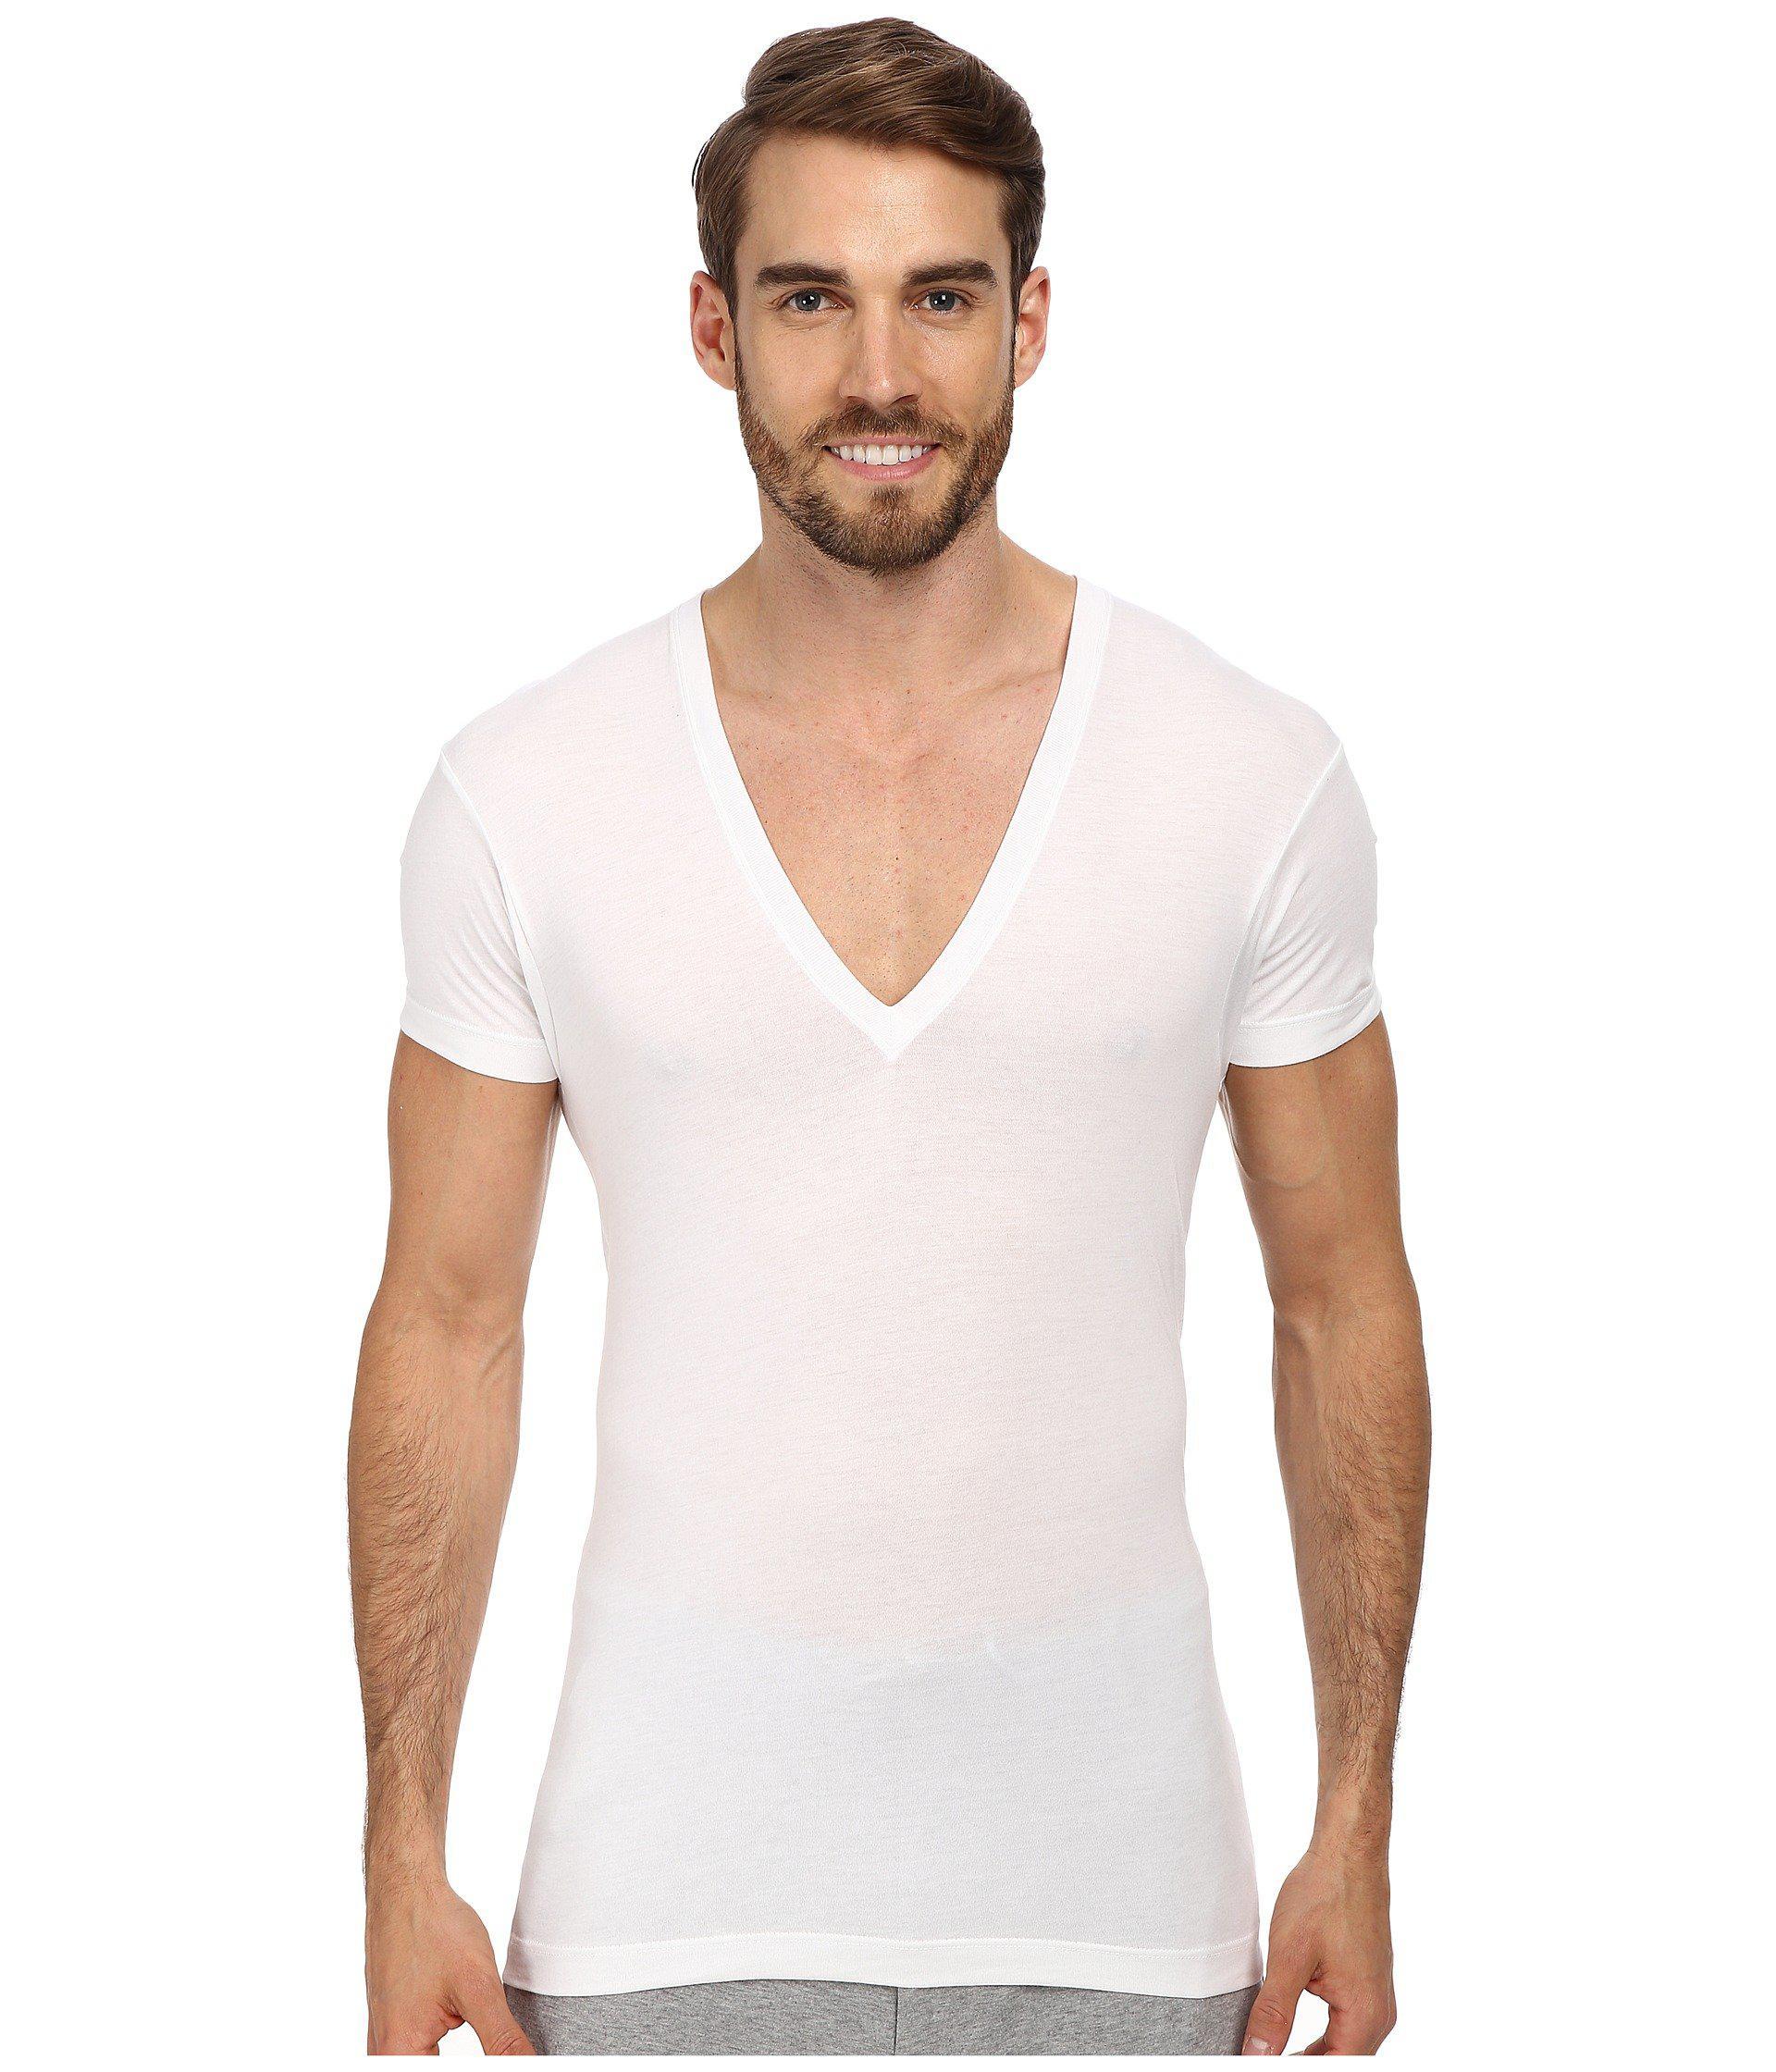 Lyst 2xist pima slim fit deep v neck t shirt in white for White v neck shirt mens